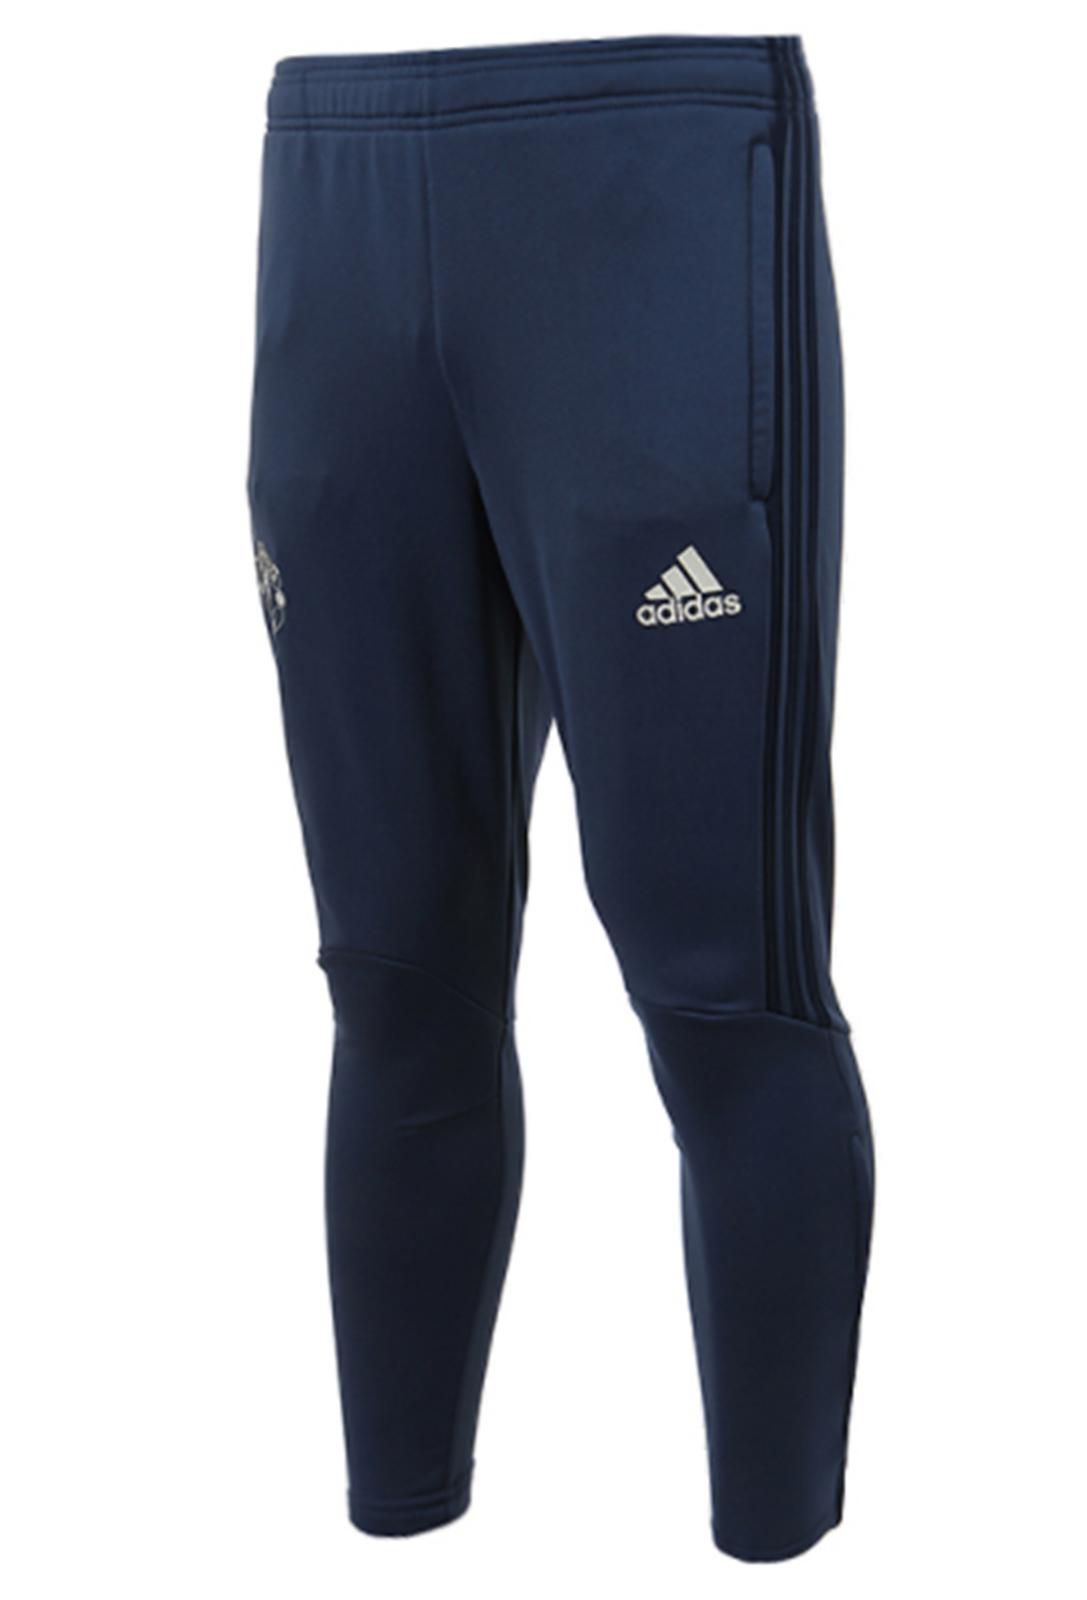 Adidas Hommes Manchester United Pantalon Entraînement L / S Marine Pantalon Décontracté De Course S95778